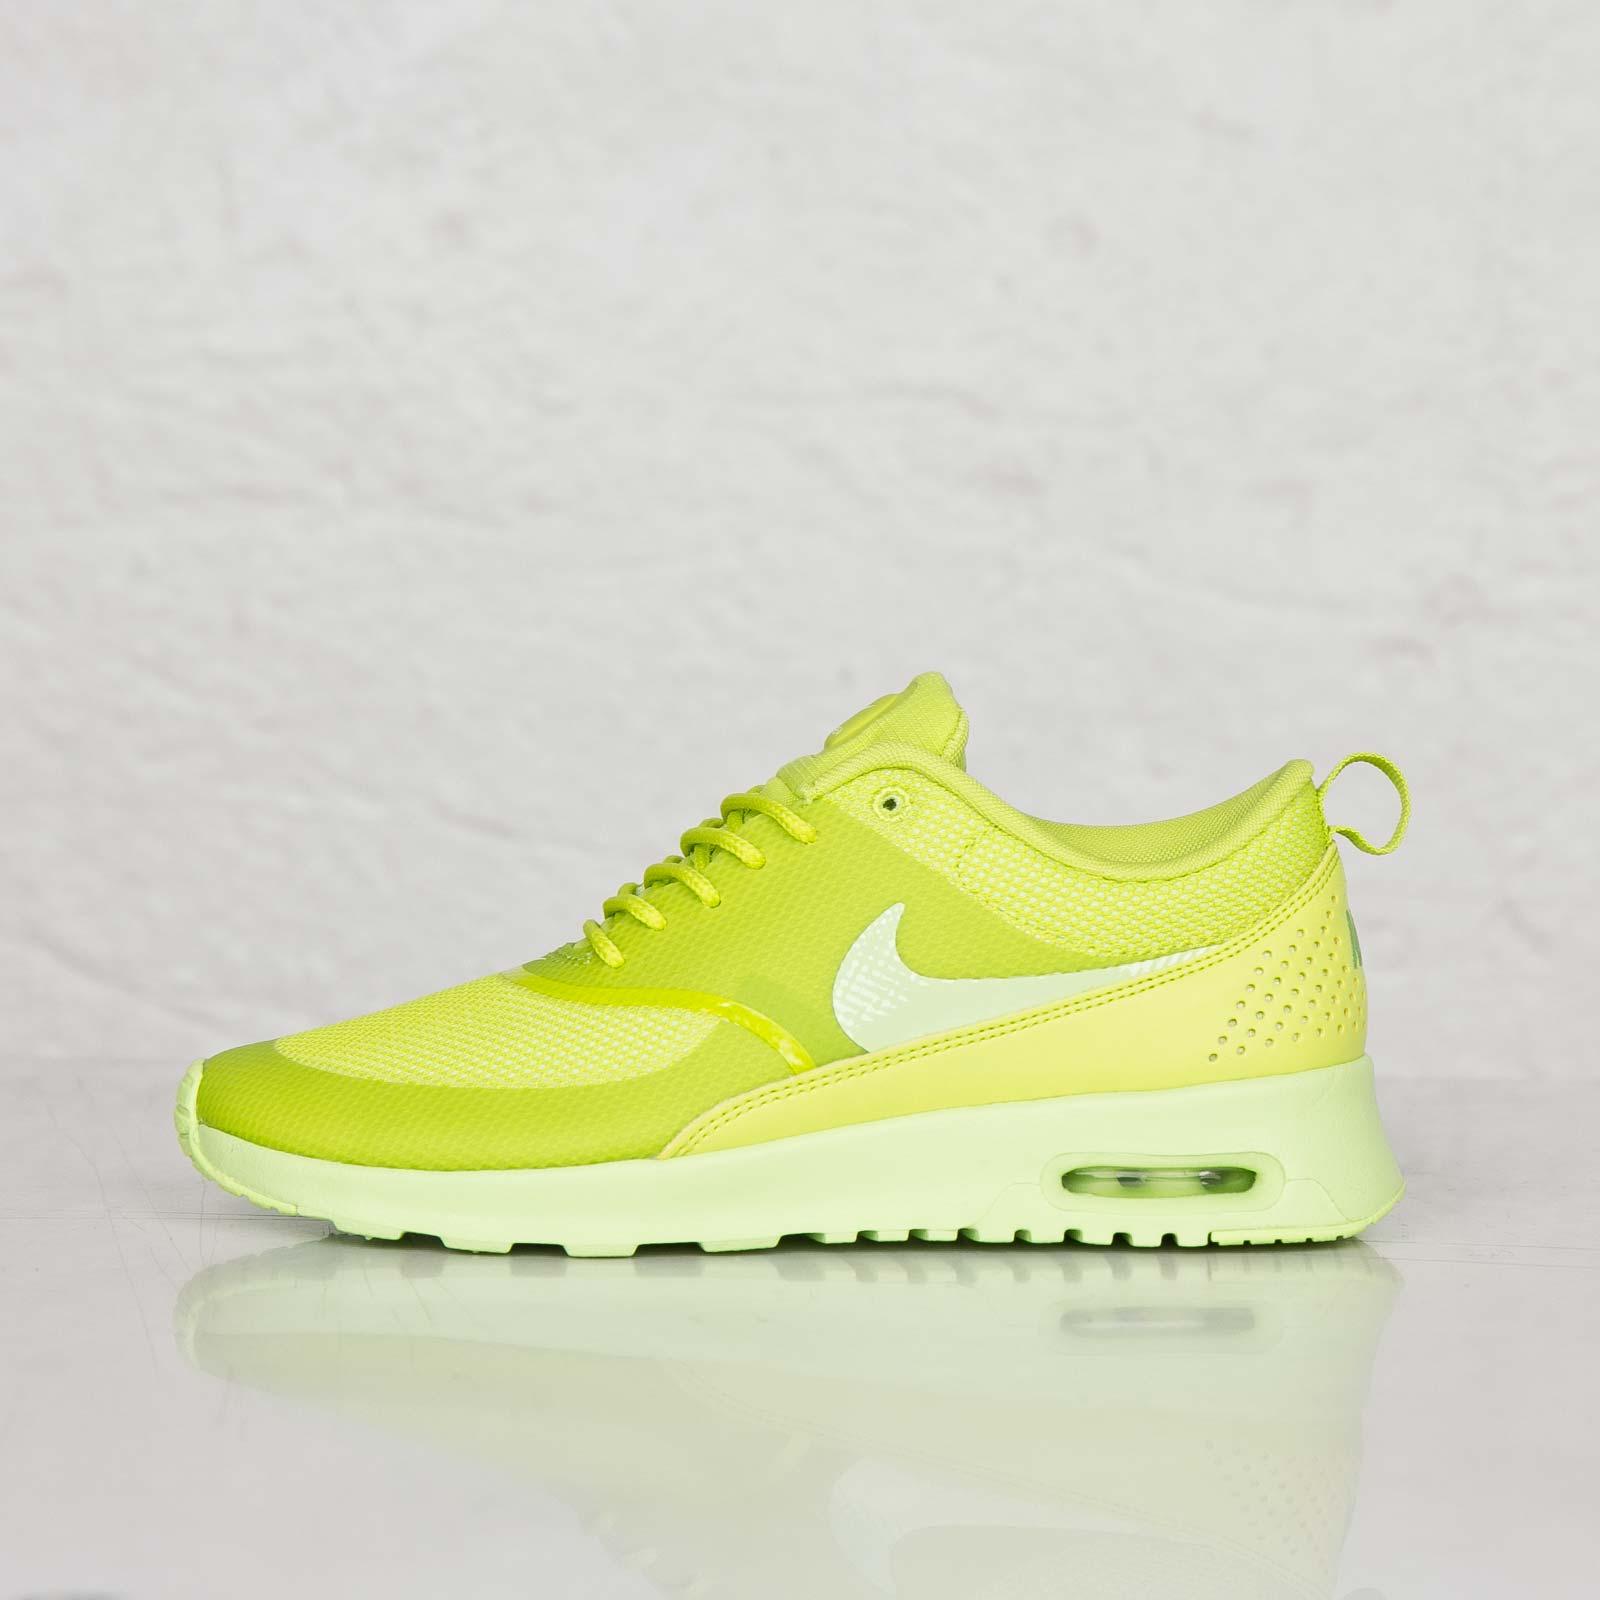 Wmns Nike Air Max Thea 599409 Neongrün 304 Damen Sneaker